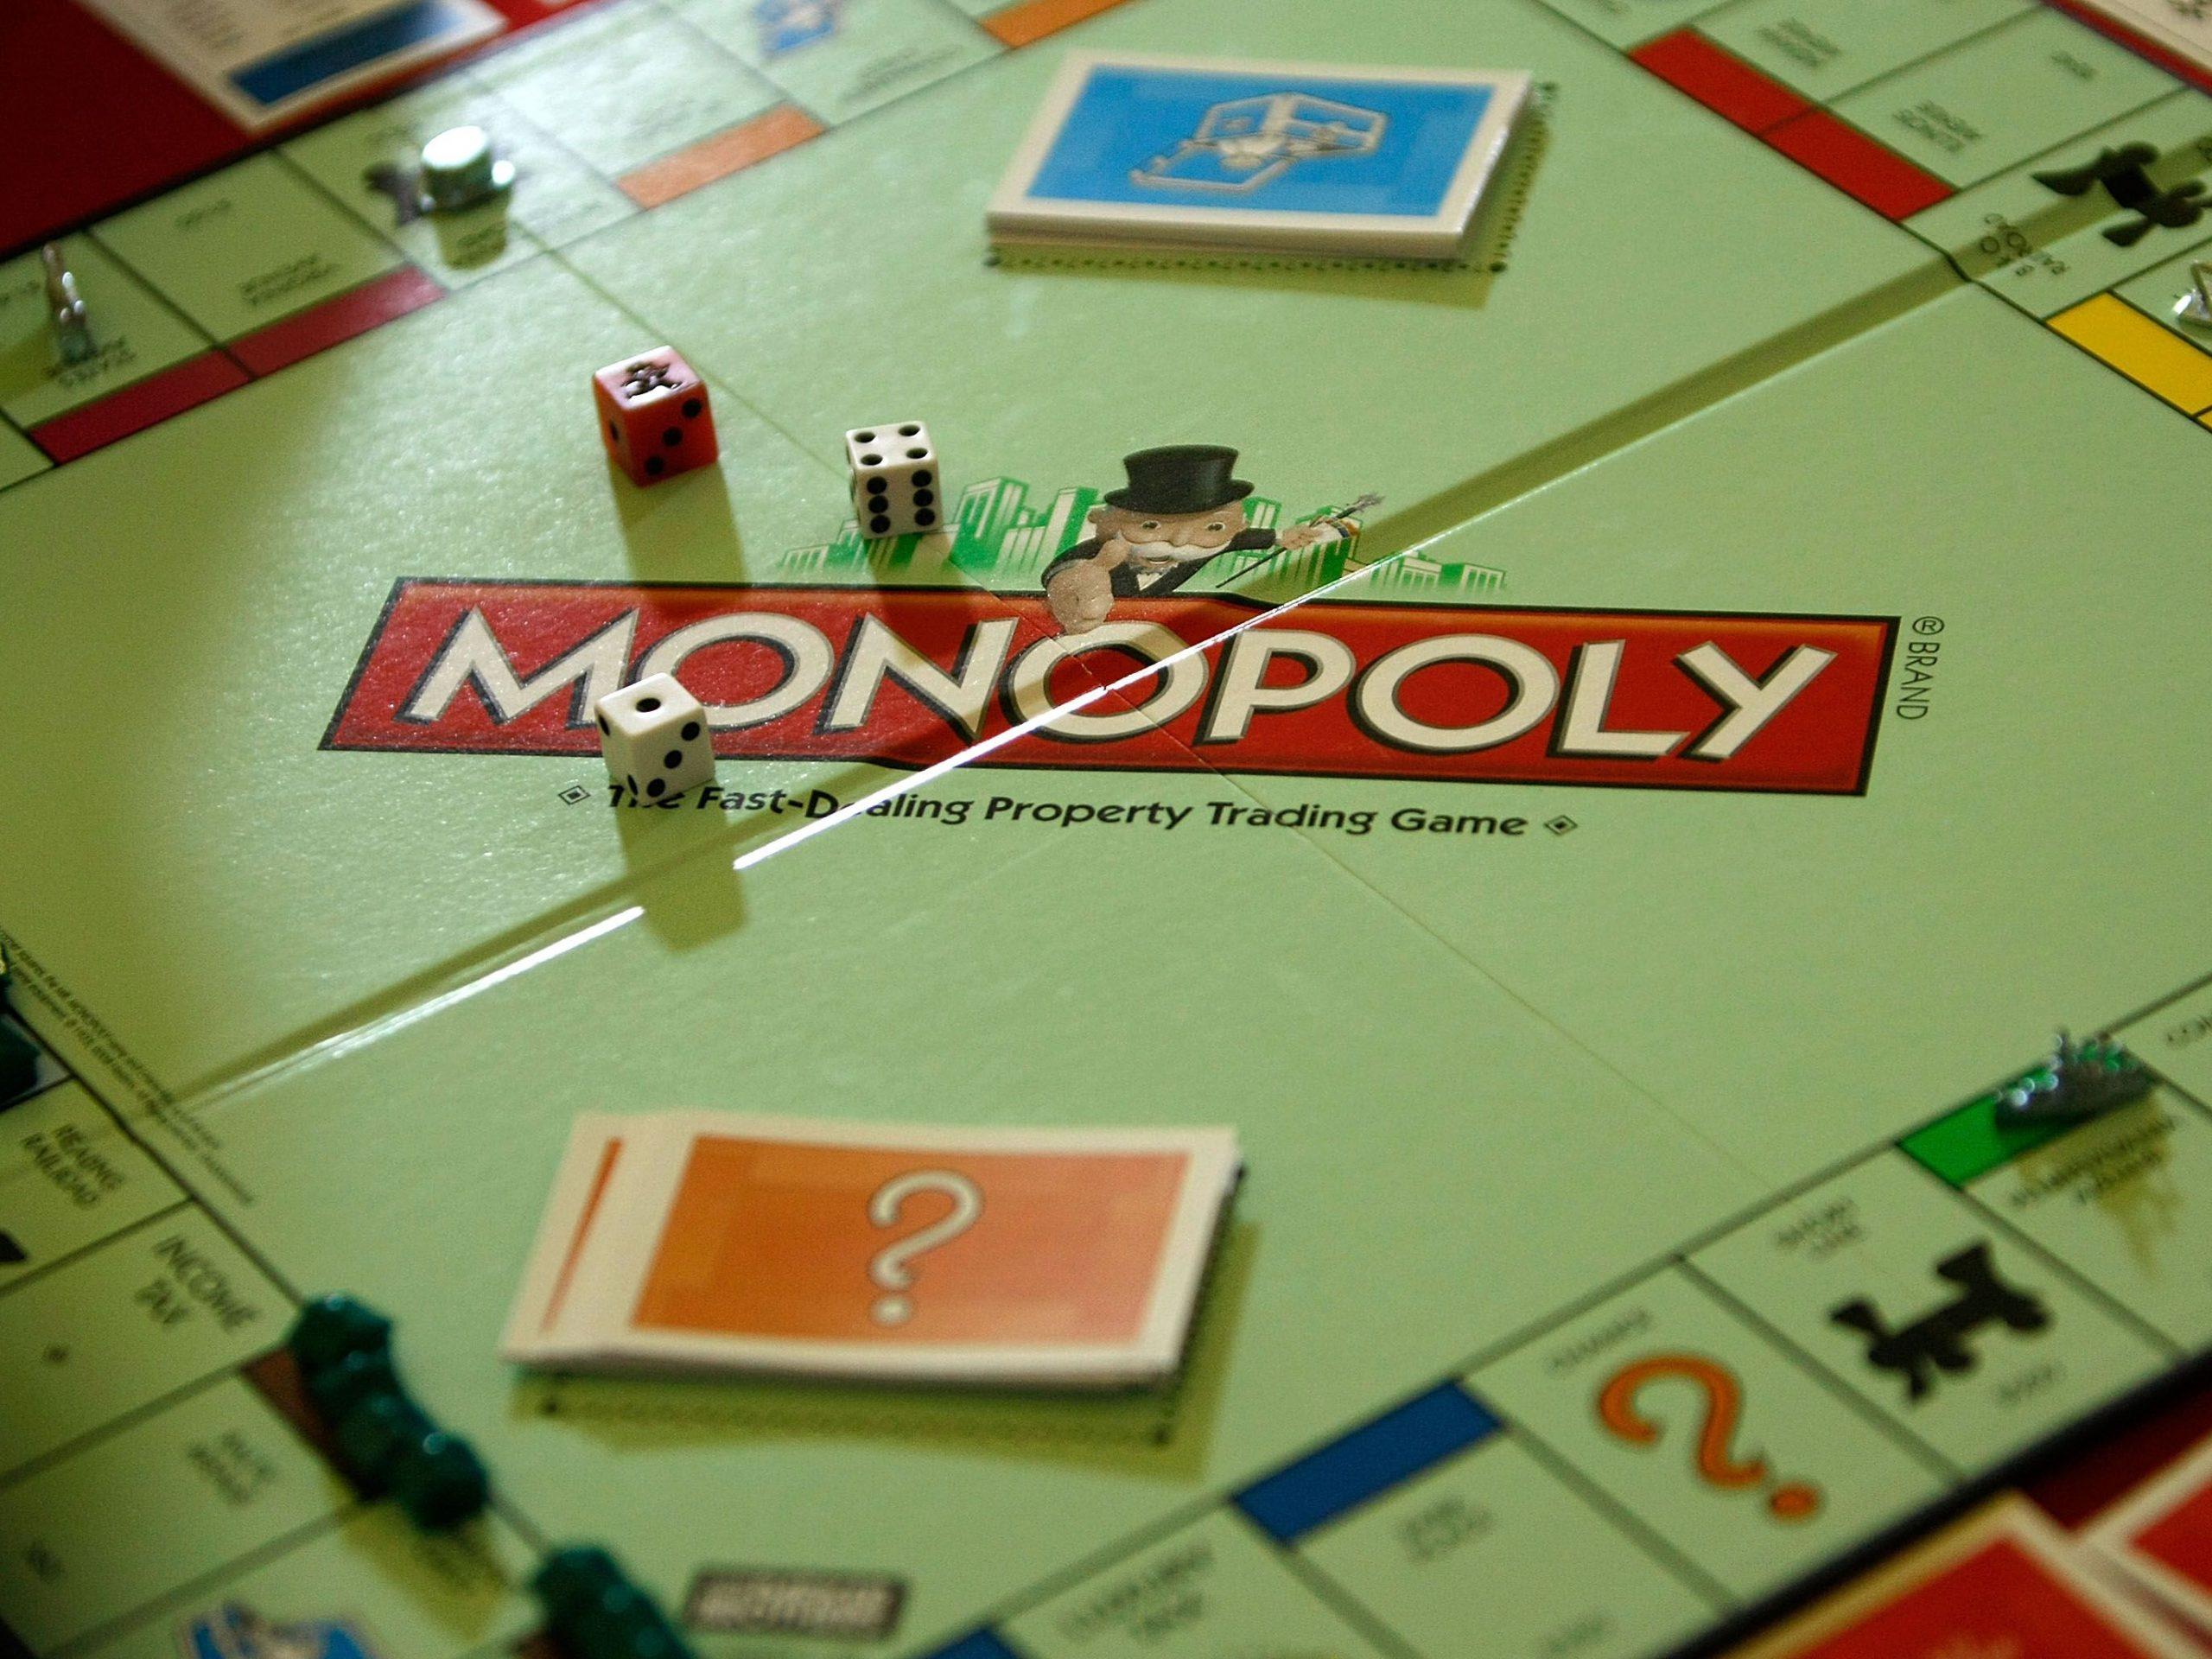 Juegos de mesa. Foto: www.aboutespanol.com